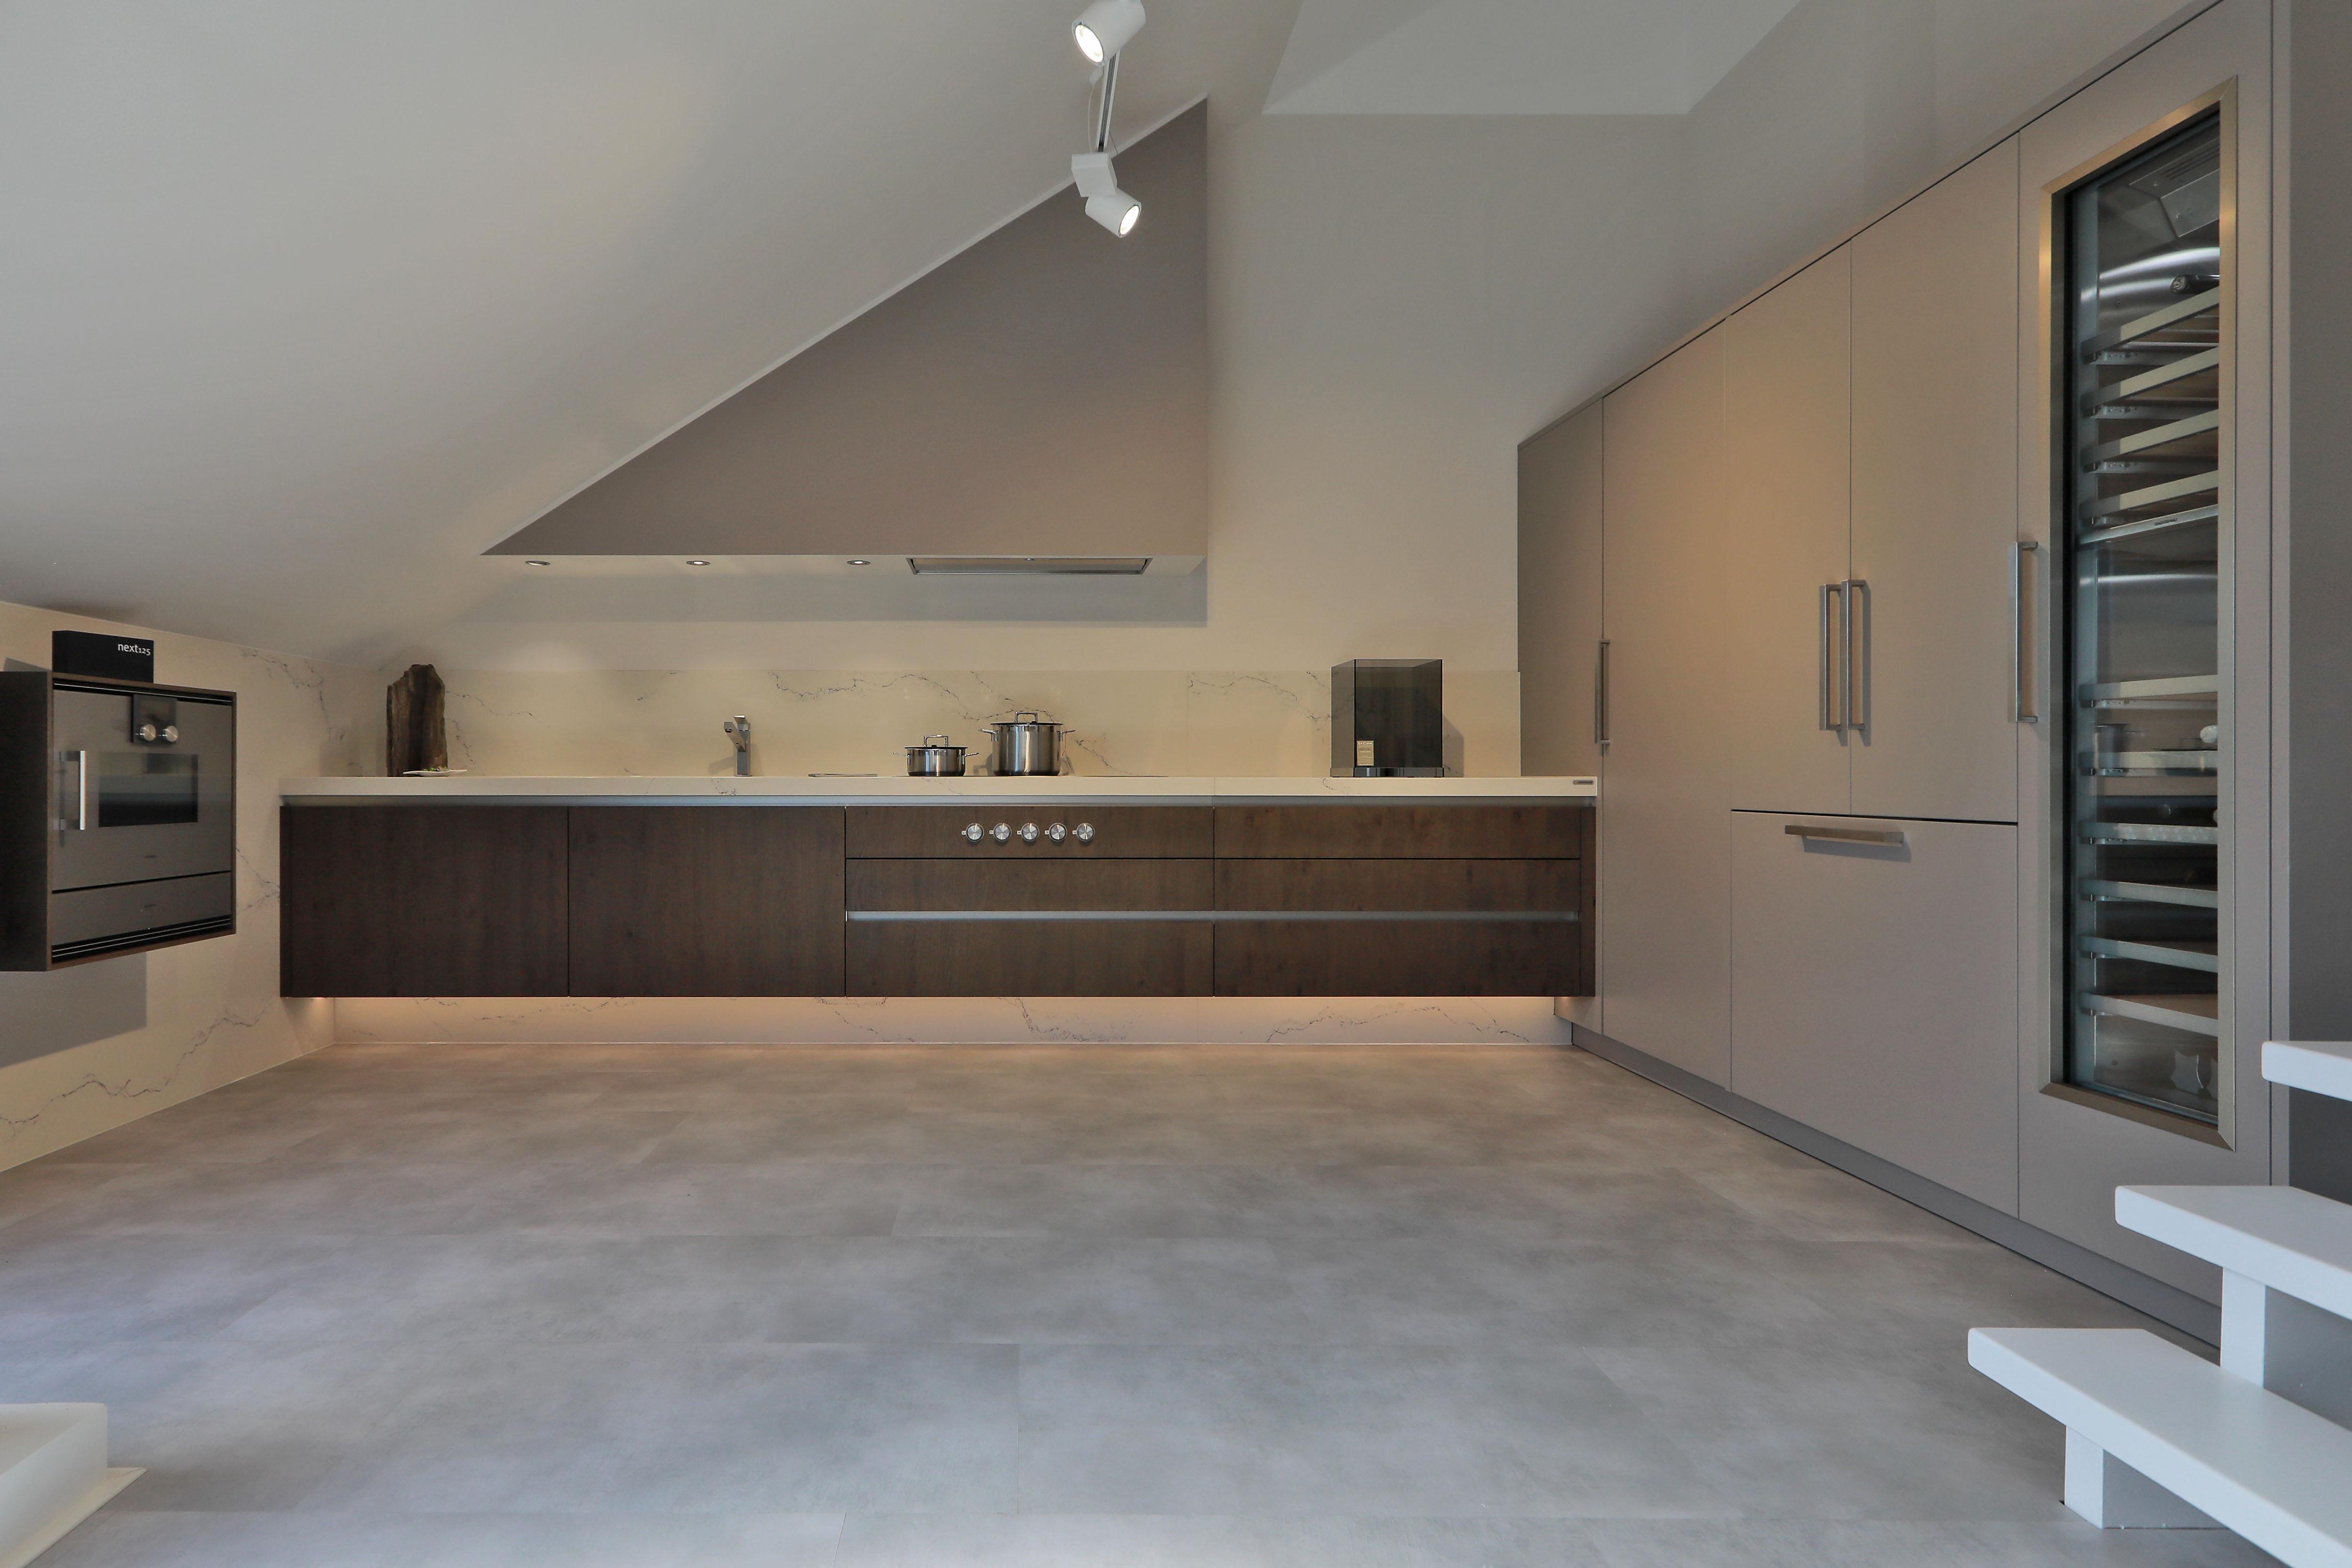 Küchenausstellung von Küchenstudio Hoppe